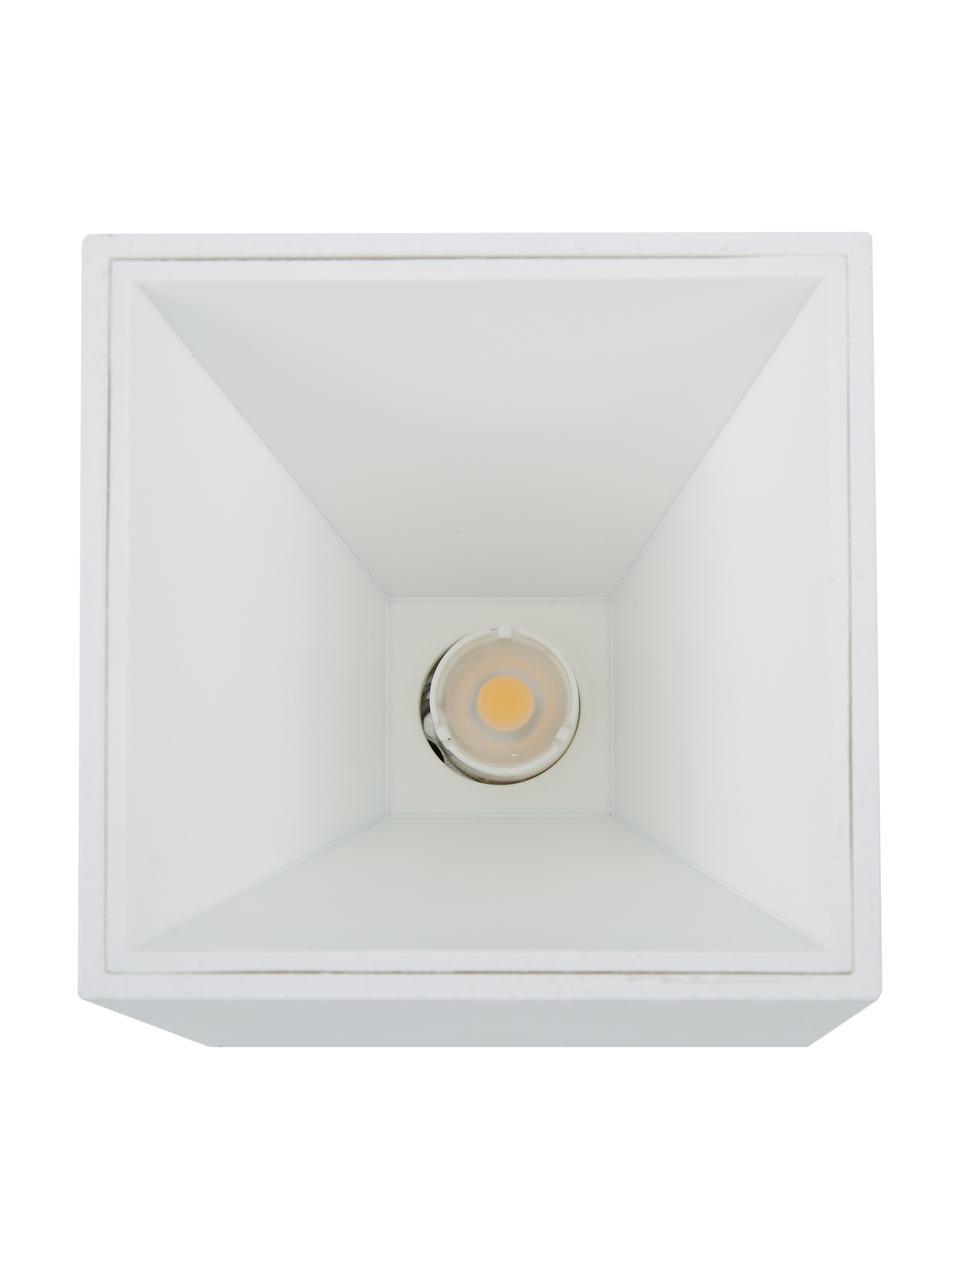 LED-Deckenspot Marty, Lampenschirm: Metall, pulverbeschichtet, Weiß, matt, 10 x 12 cm